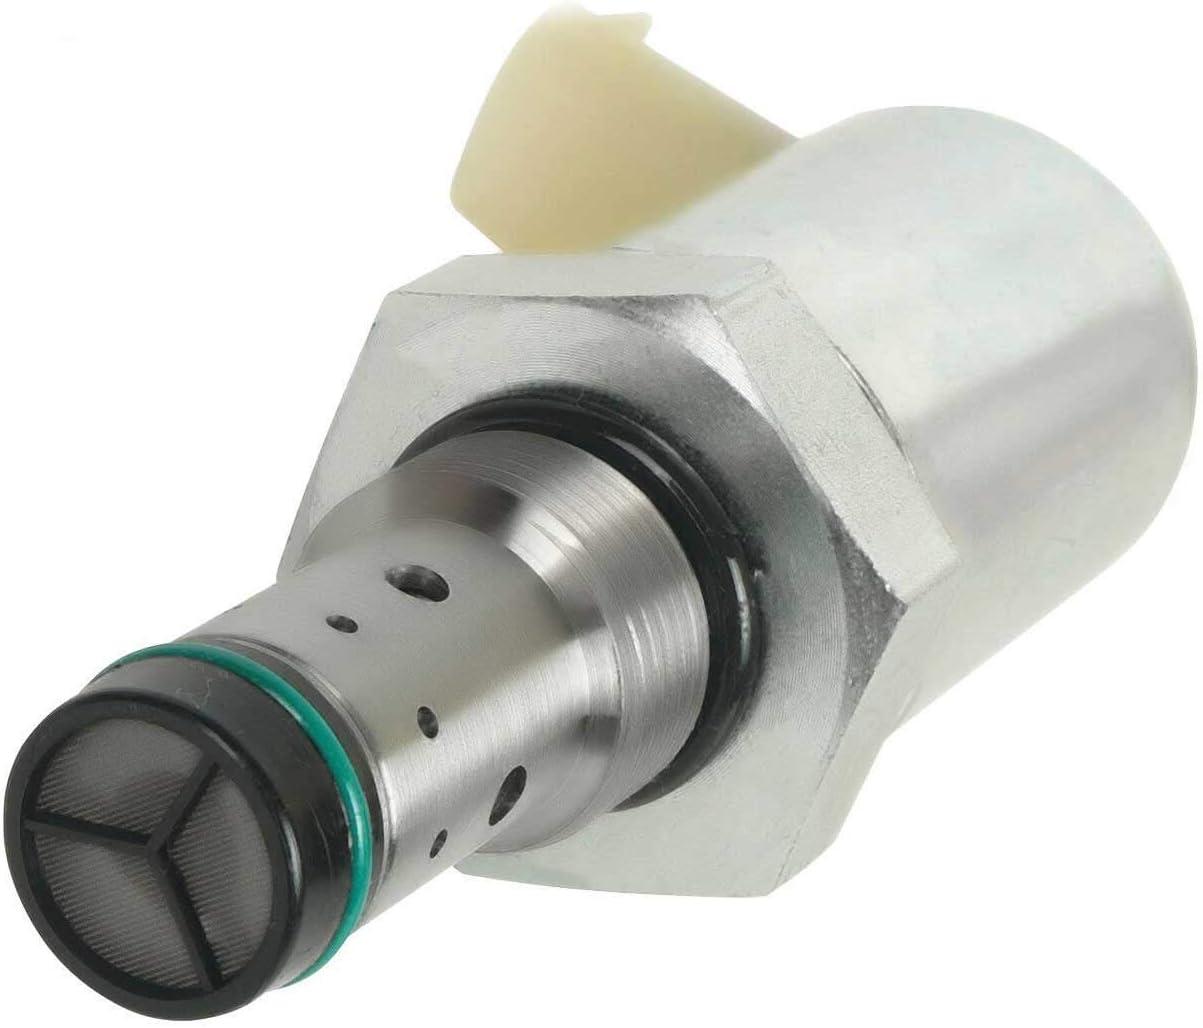 Diesel IPR Valve Fuel Injection Pressure Regulator For 2004-2010 Ford F-250 F-350 F-450 Super Duty 6.0L Diesel 4.5L CM5126